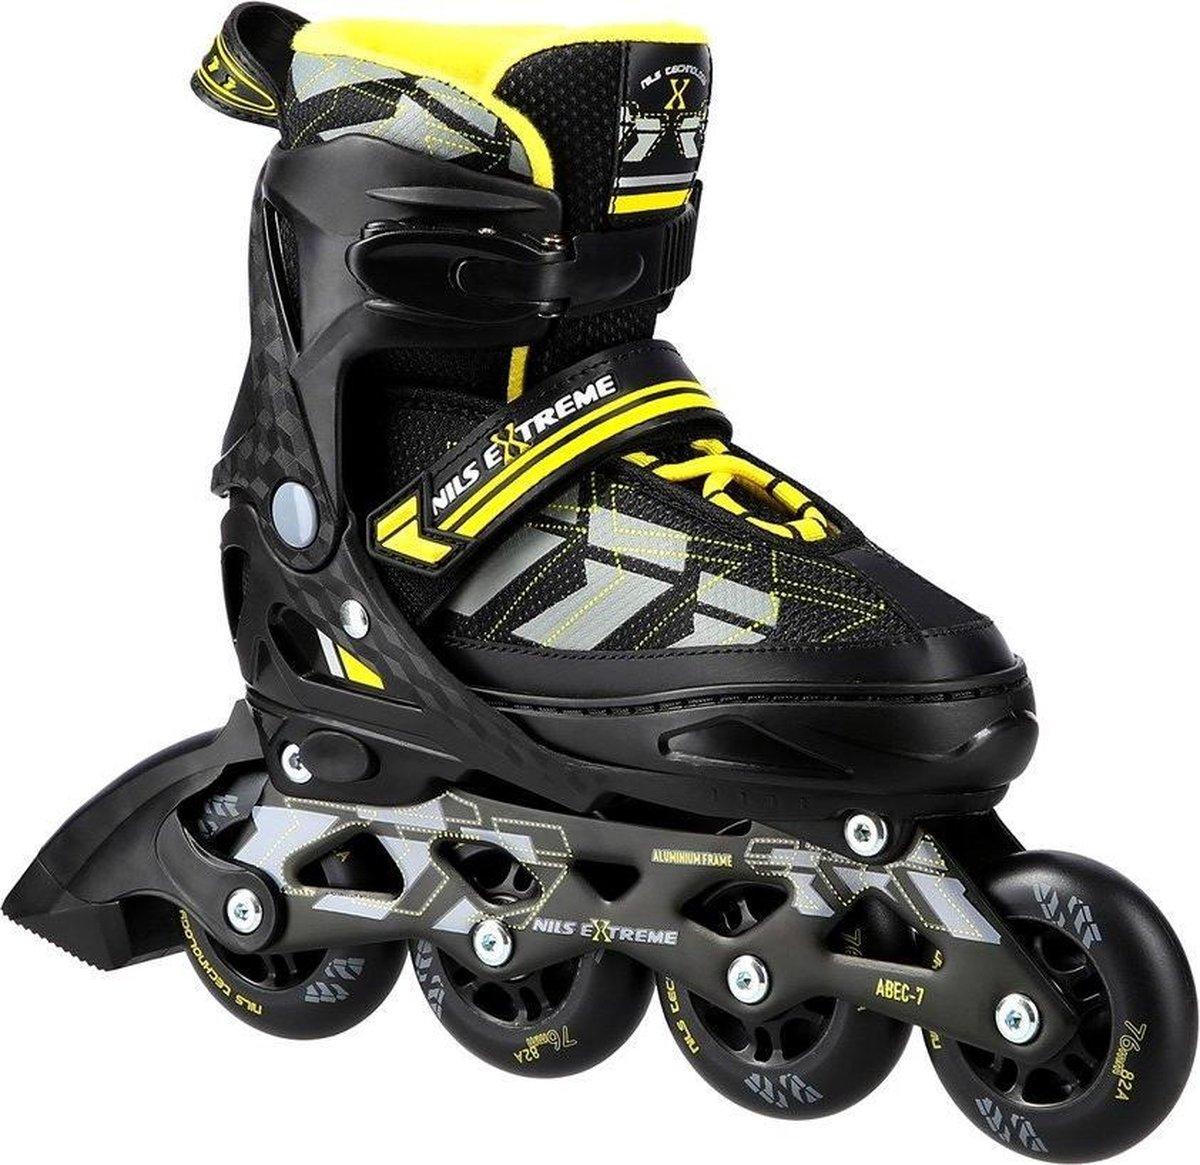 *laatste paar* Nils - Extreme Yellow skeelers / inline skates - ABEC-7 maat: 39-42 verstelbaar.